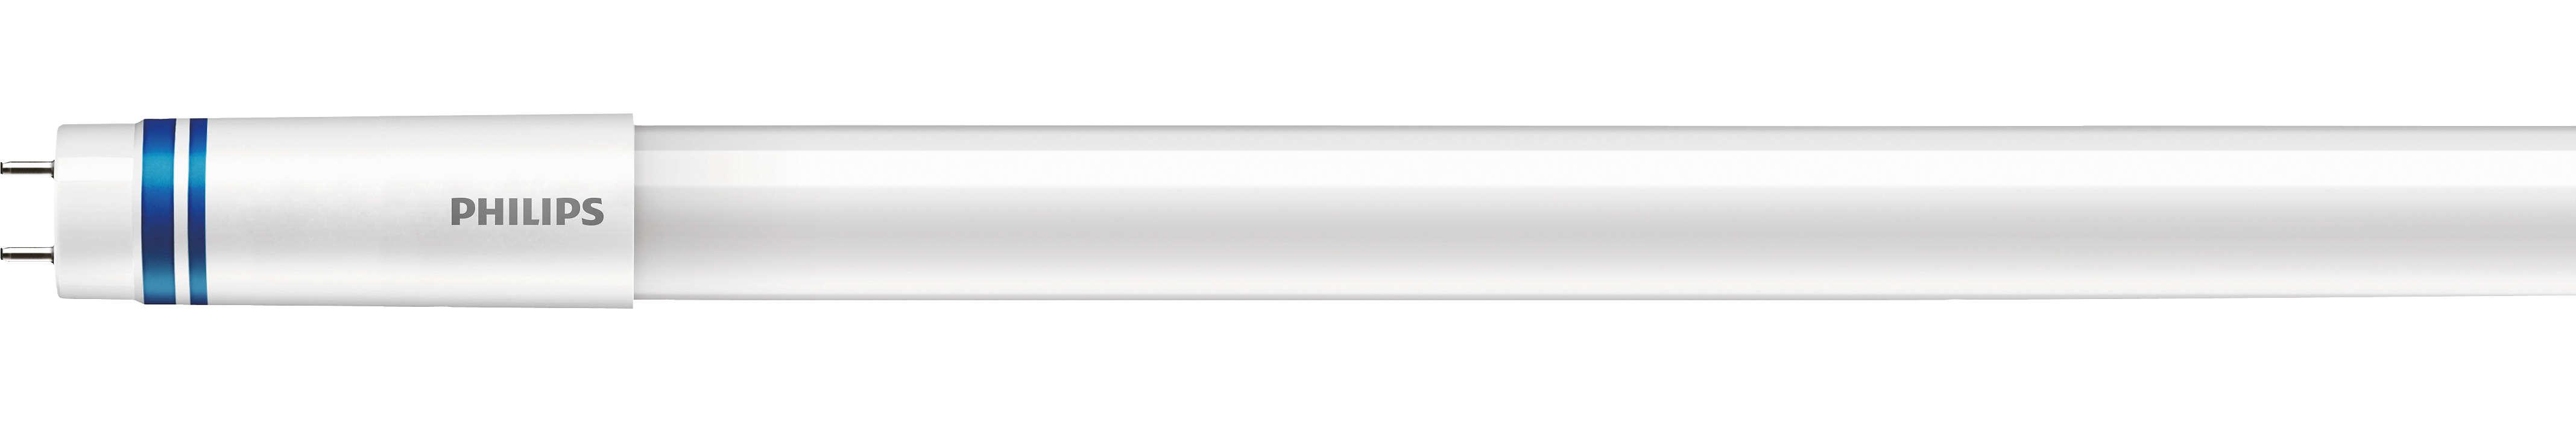 Η νέα γενιά φωτισμού εξοικονόμησης ενέργειας με σωληνωτούς λαμπτήρες